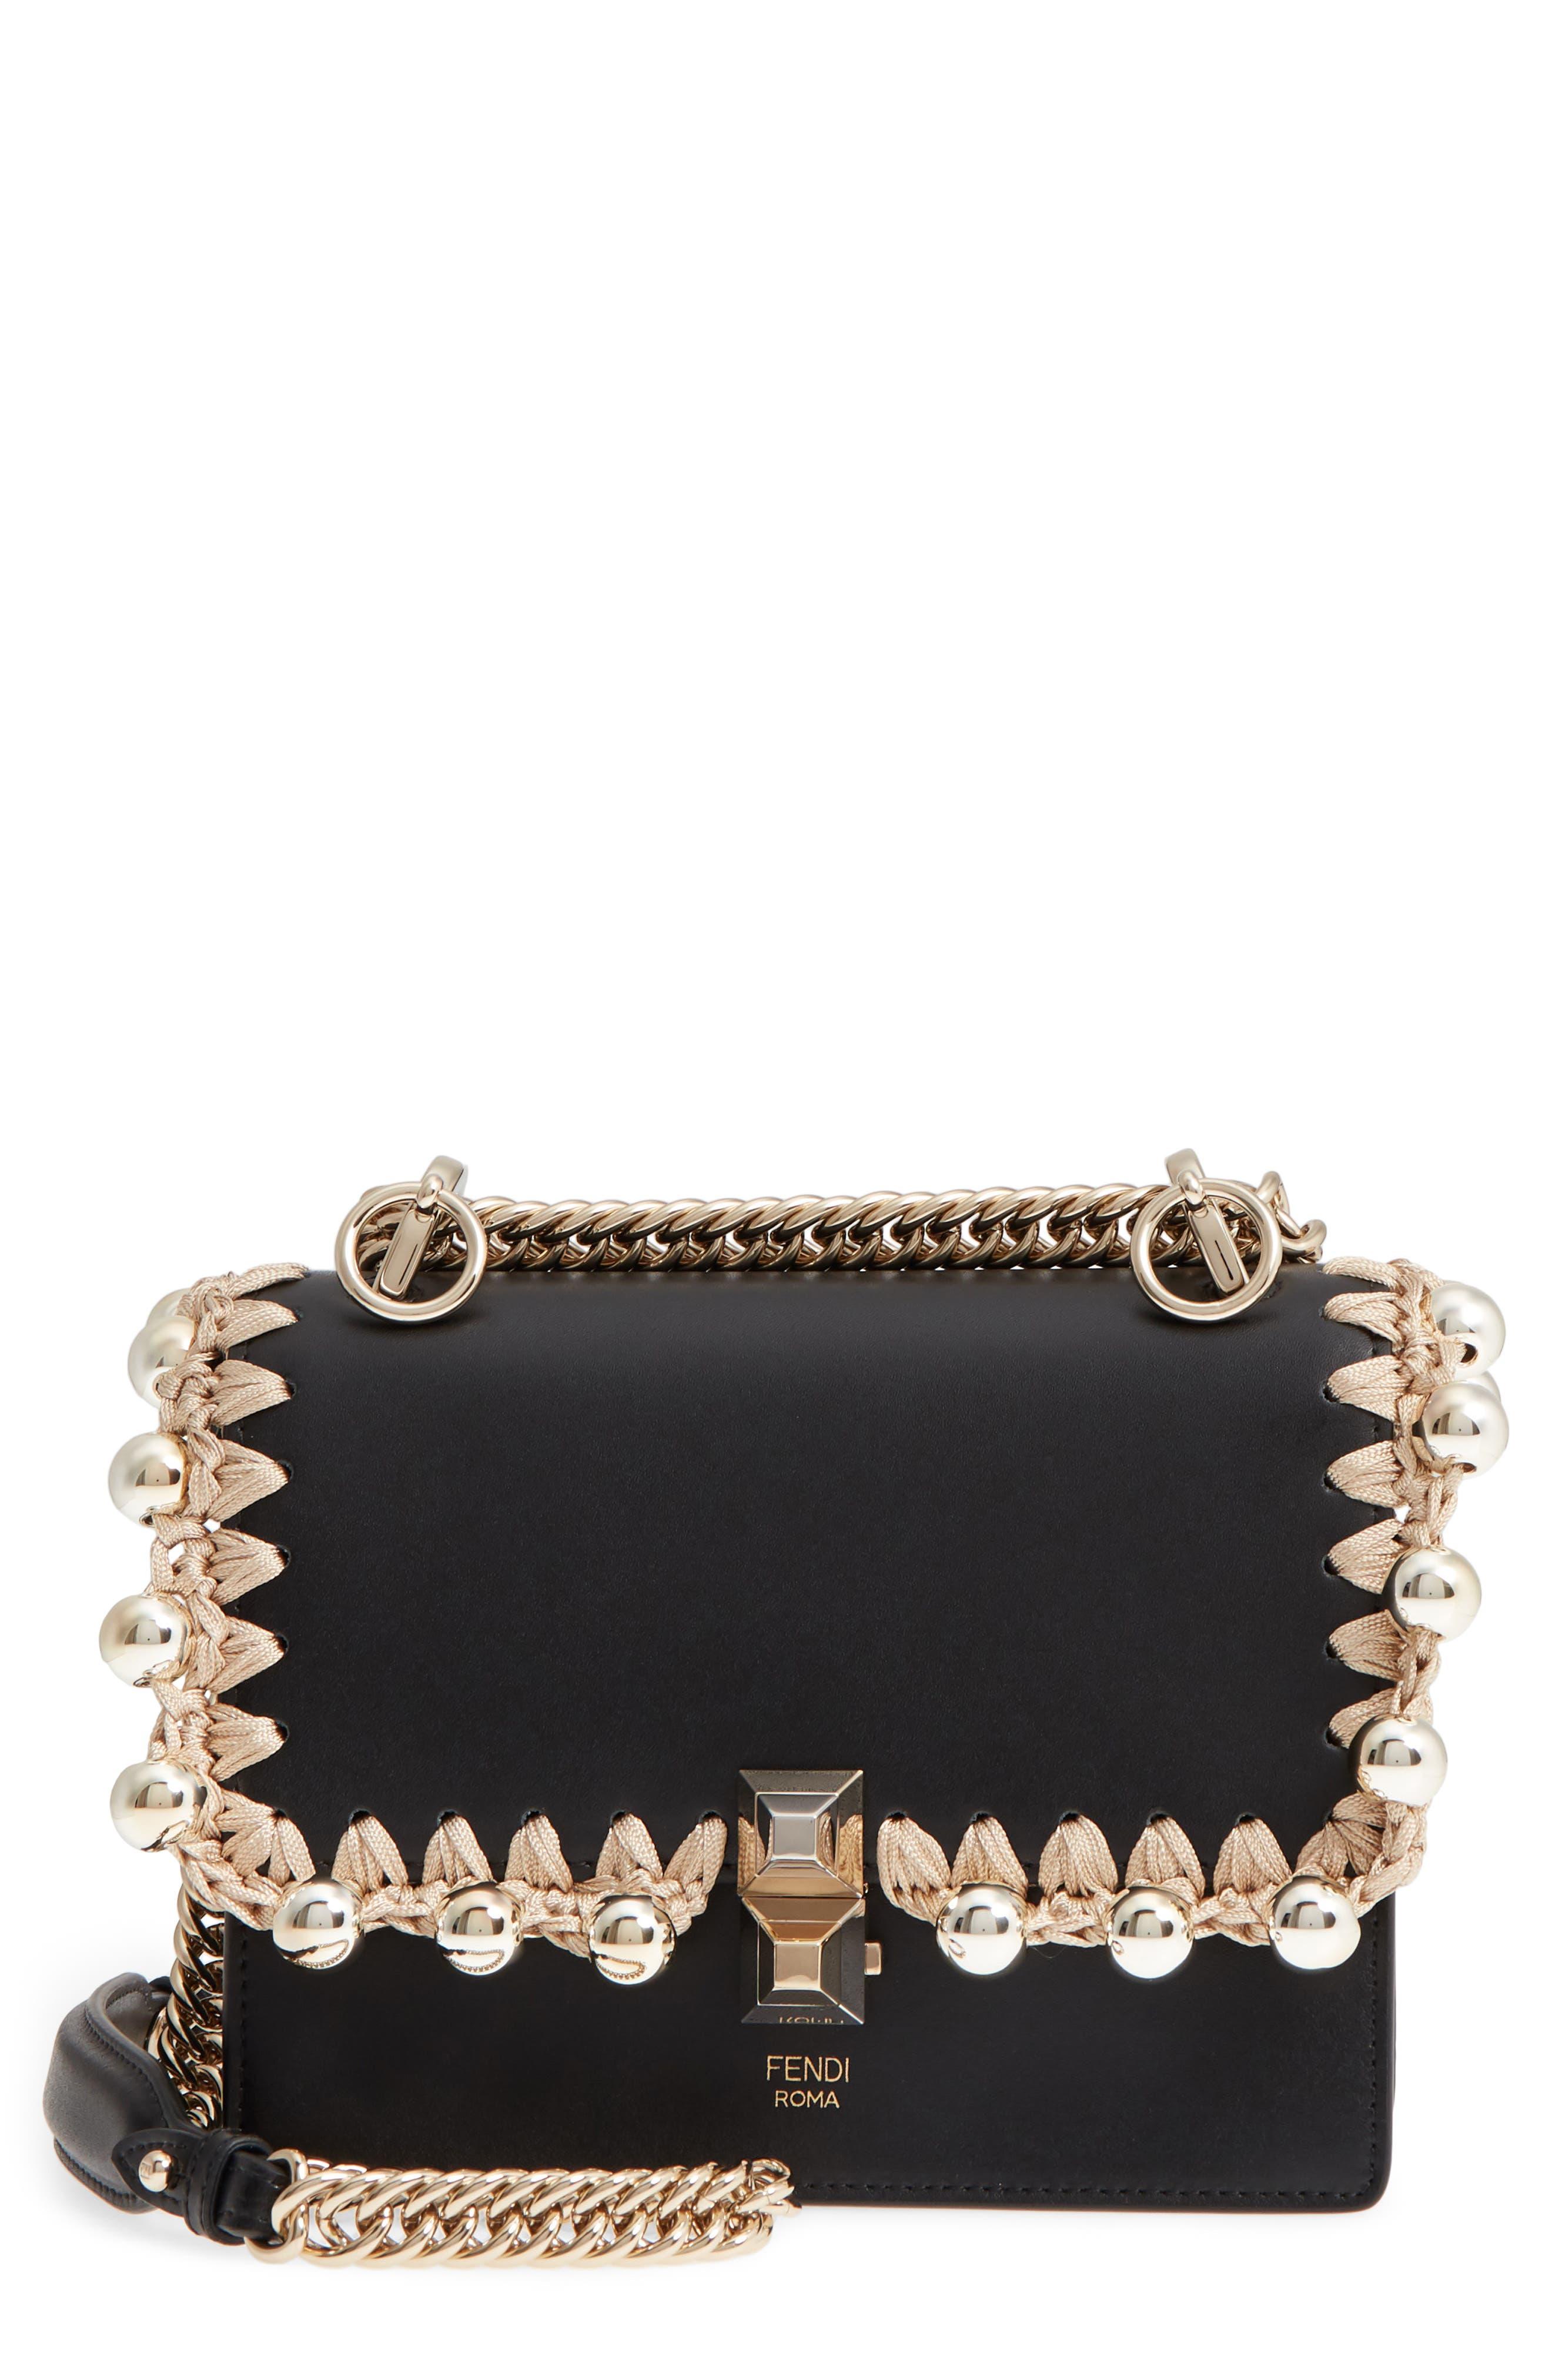 Small Kan I Leather Shoulder Bag,                         Main,                         color, Nero/ Oro/ Chiaro